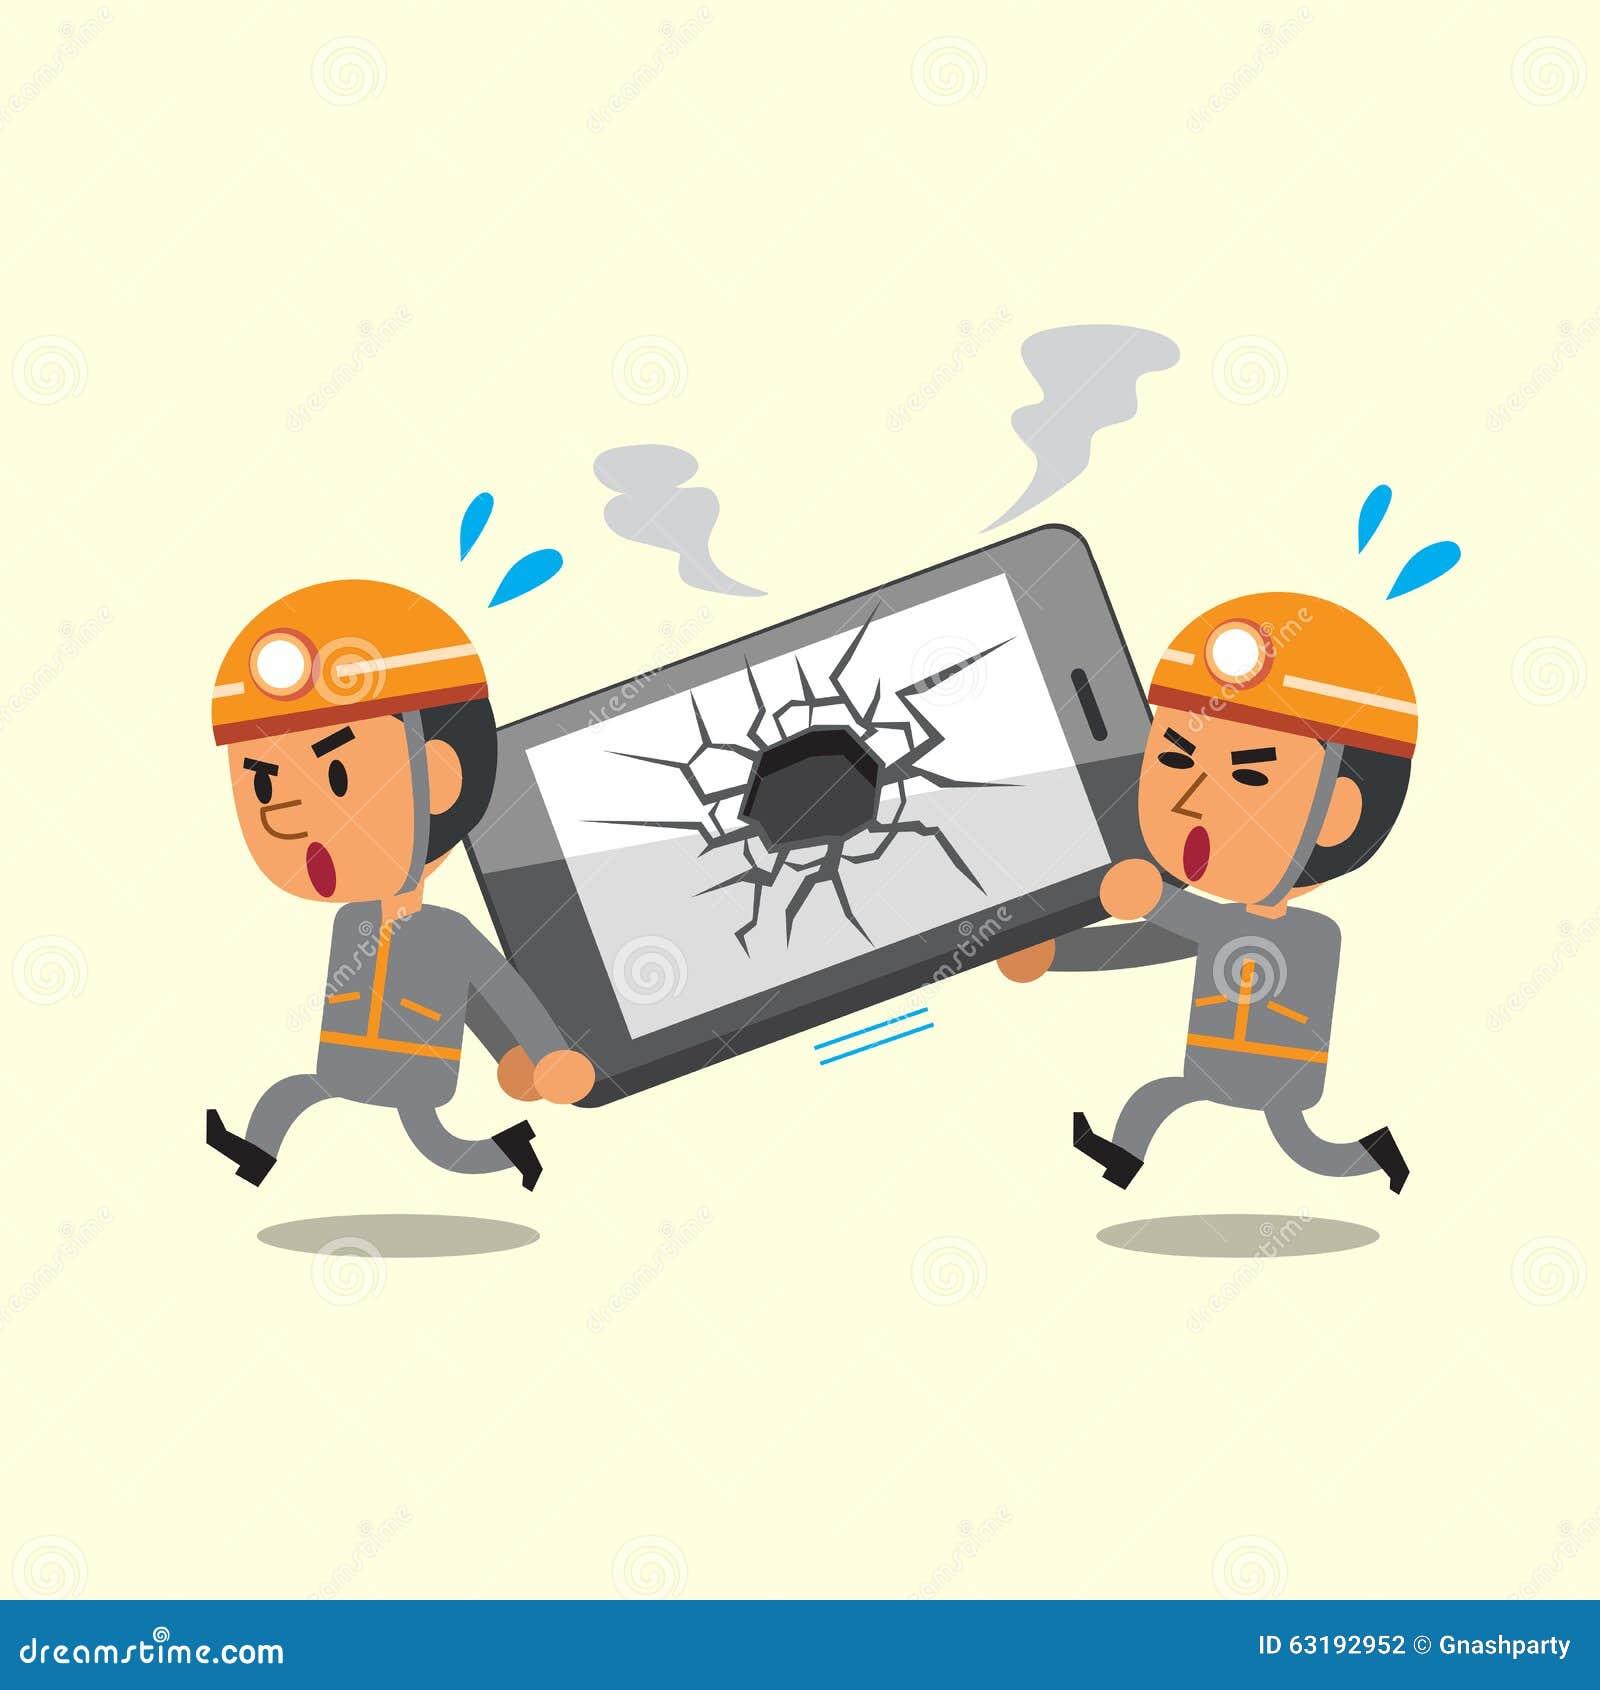 Cartoonsmart Character Design : Cartoon technicians helping broken smartphone stock vector